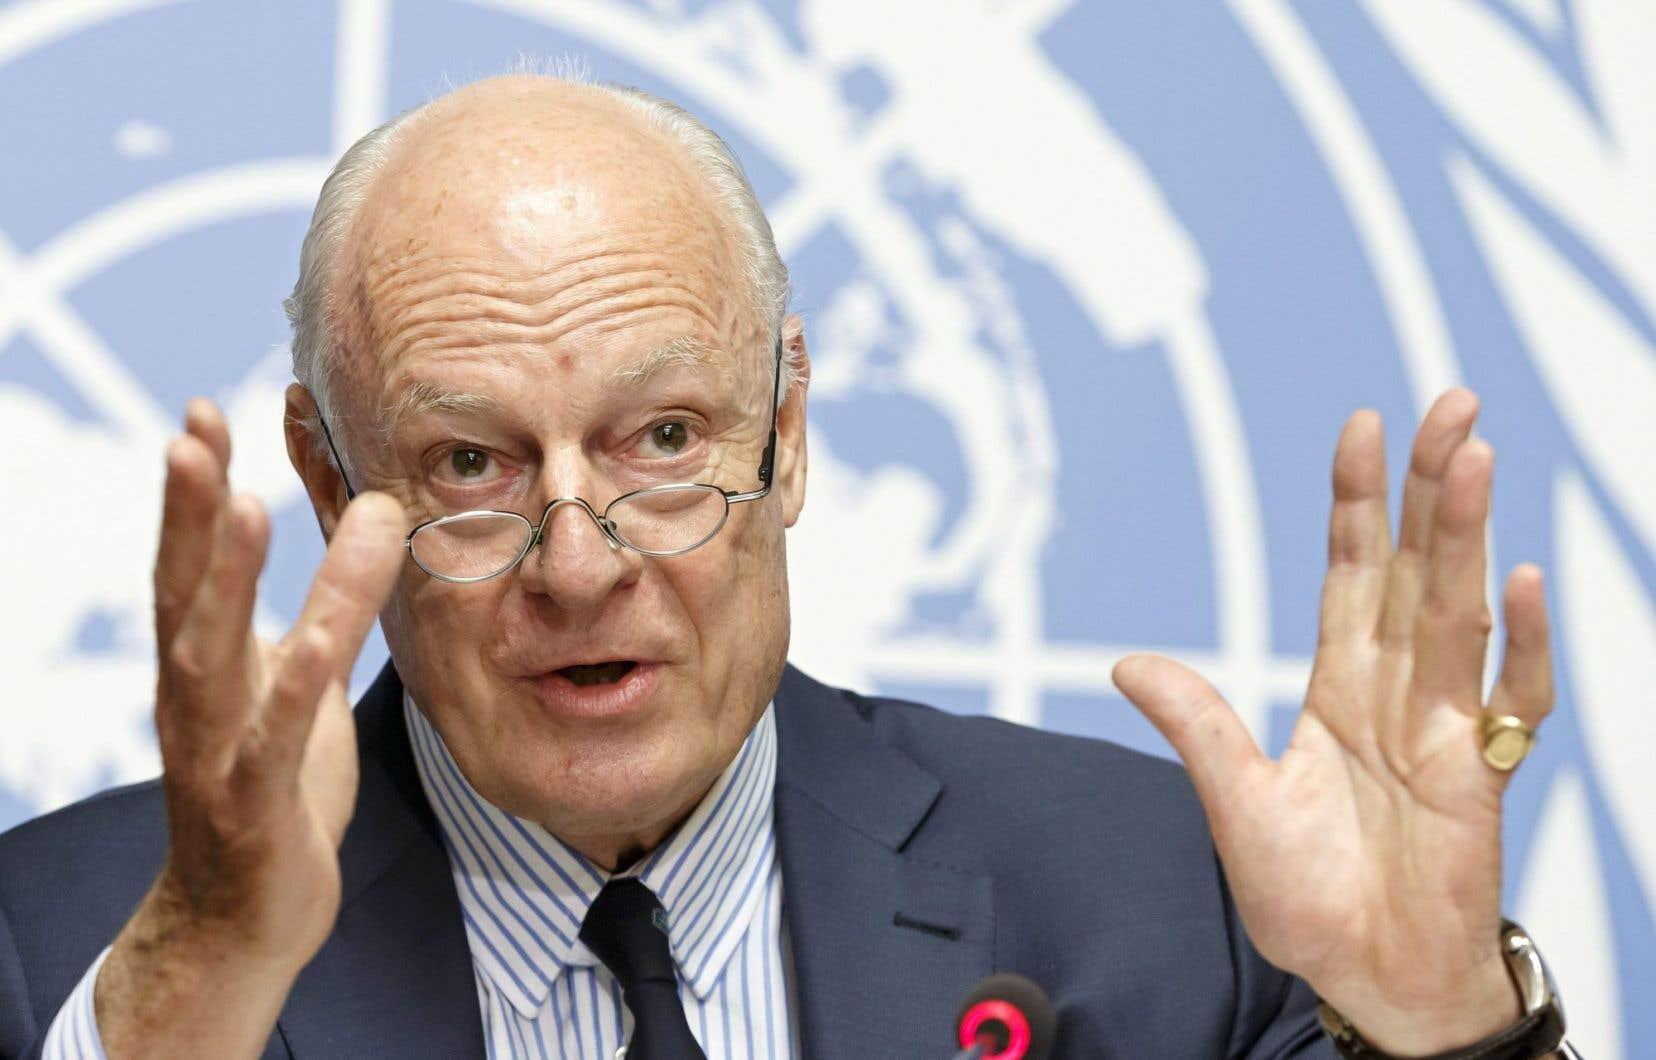 L'envoyé spécial de l'ONU chargé du dossier syrien, Staffan de Mistura